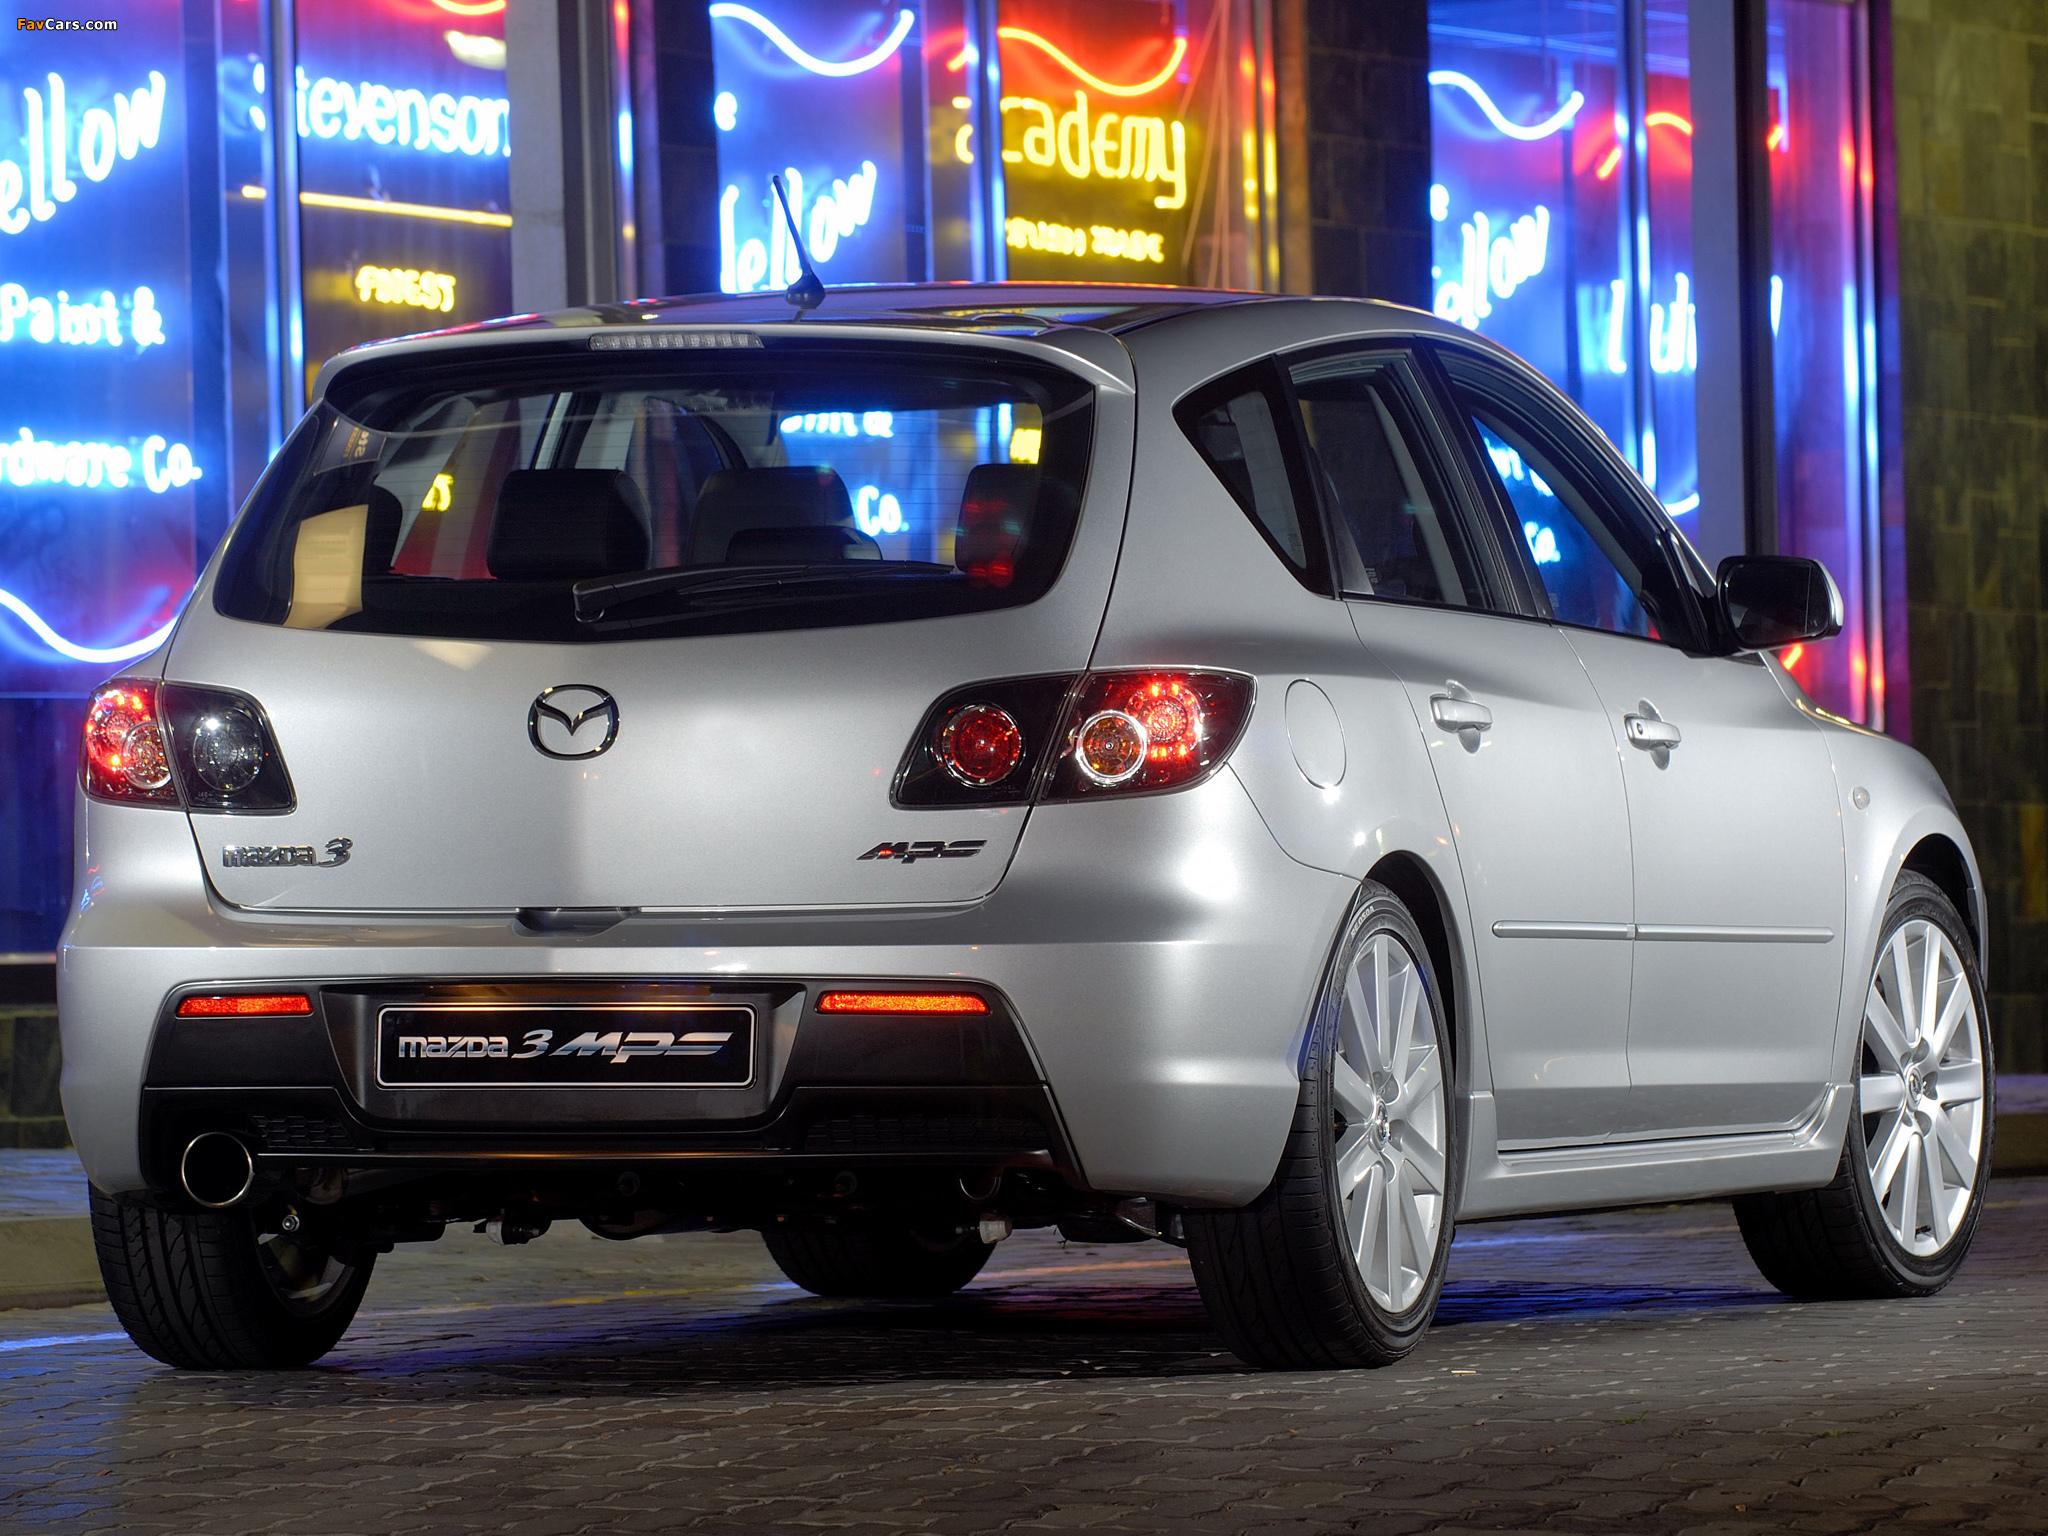 Mazda3 Mps Za Spec Bk 2006 09 Wallpapers 2048x1536